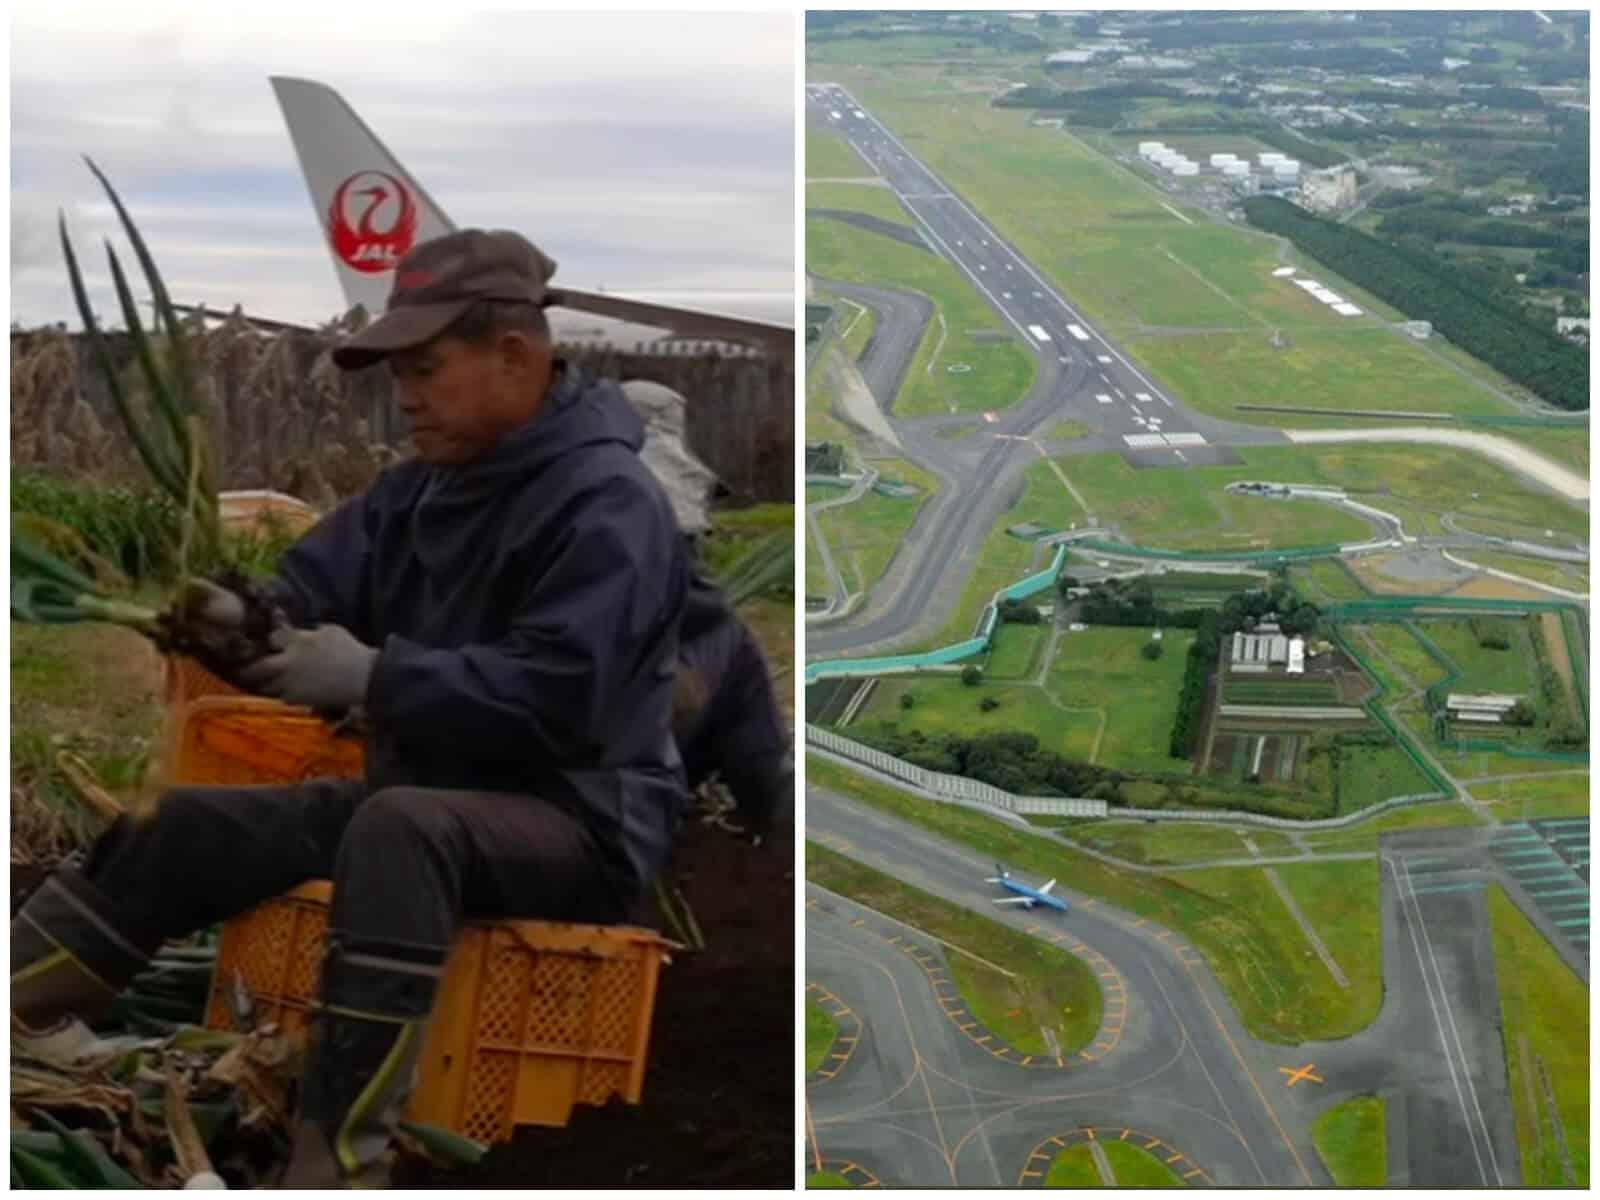 Aeropuerto-japon-1